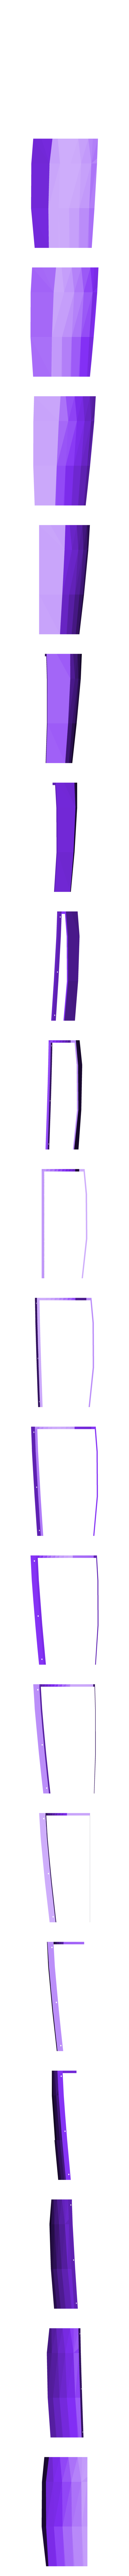 Mid_Rear_Right.stl Télécharger fichier STL gratuit Voilier à voile • Objet pour impression 3D, Rusichar